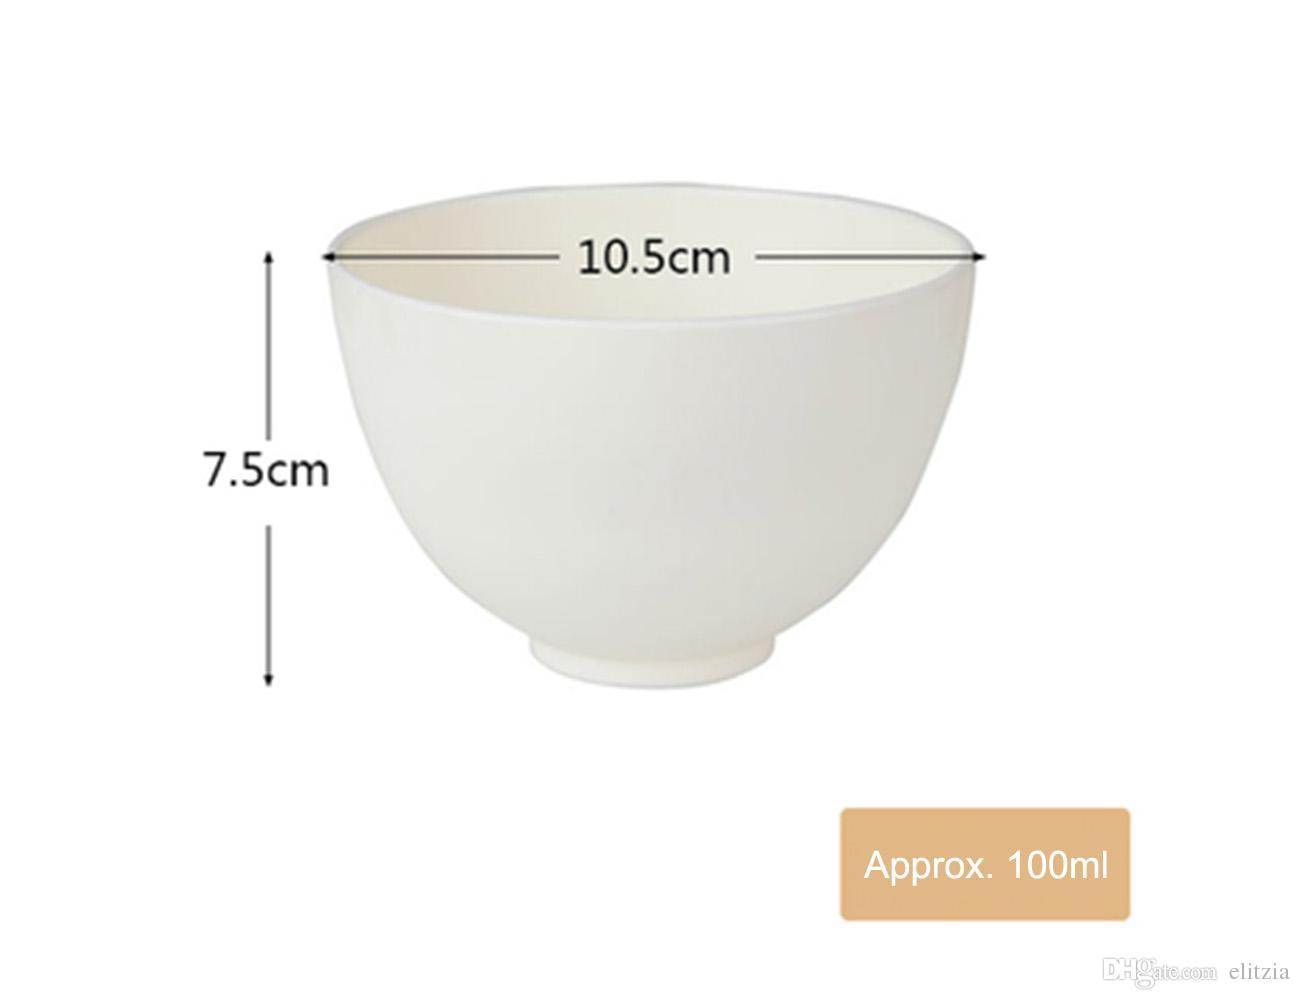 Elitzia ETBWP001 Маска инструменты силиконовые мягкая маска чаша отрегулировать фильм чаша набор салон красоты мягкая пленка порошок необходимые принадлежности белый цвет 4 Размер